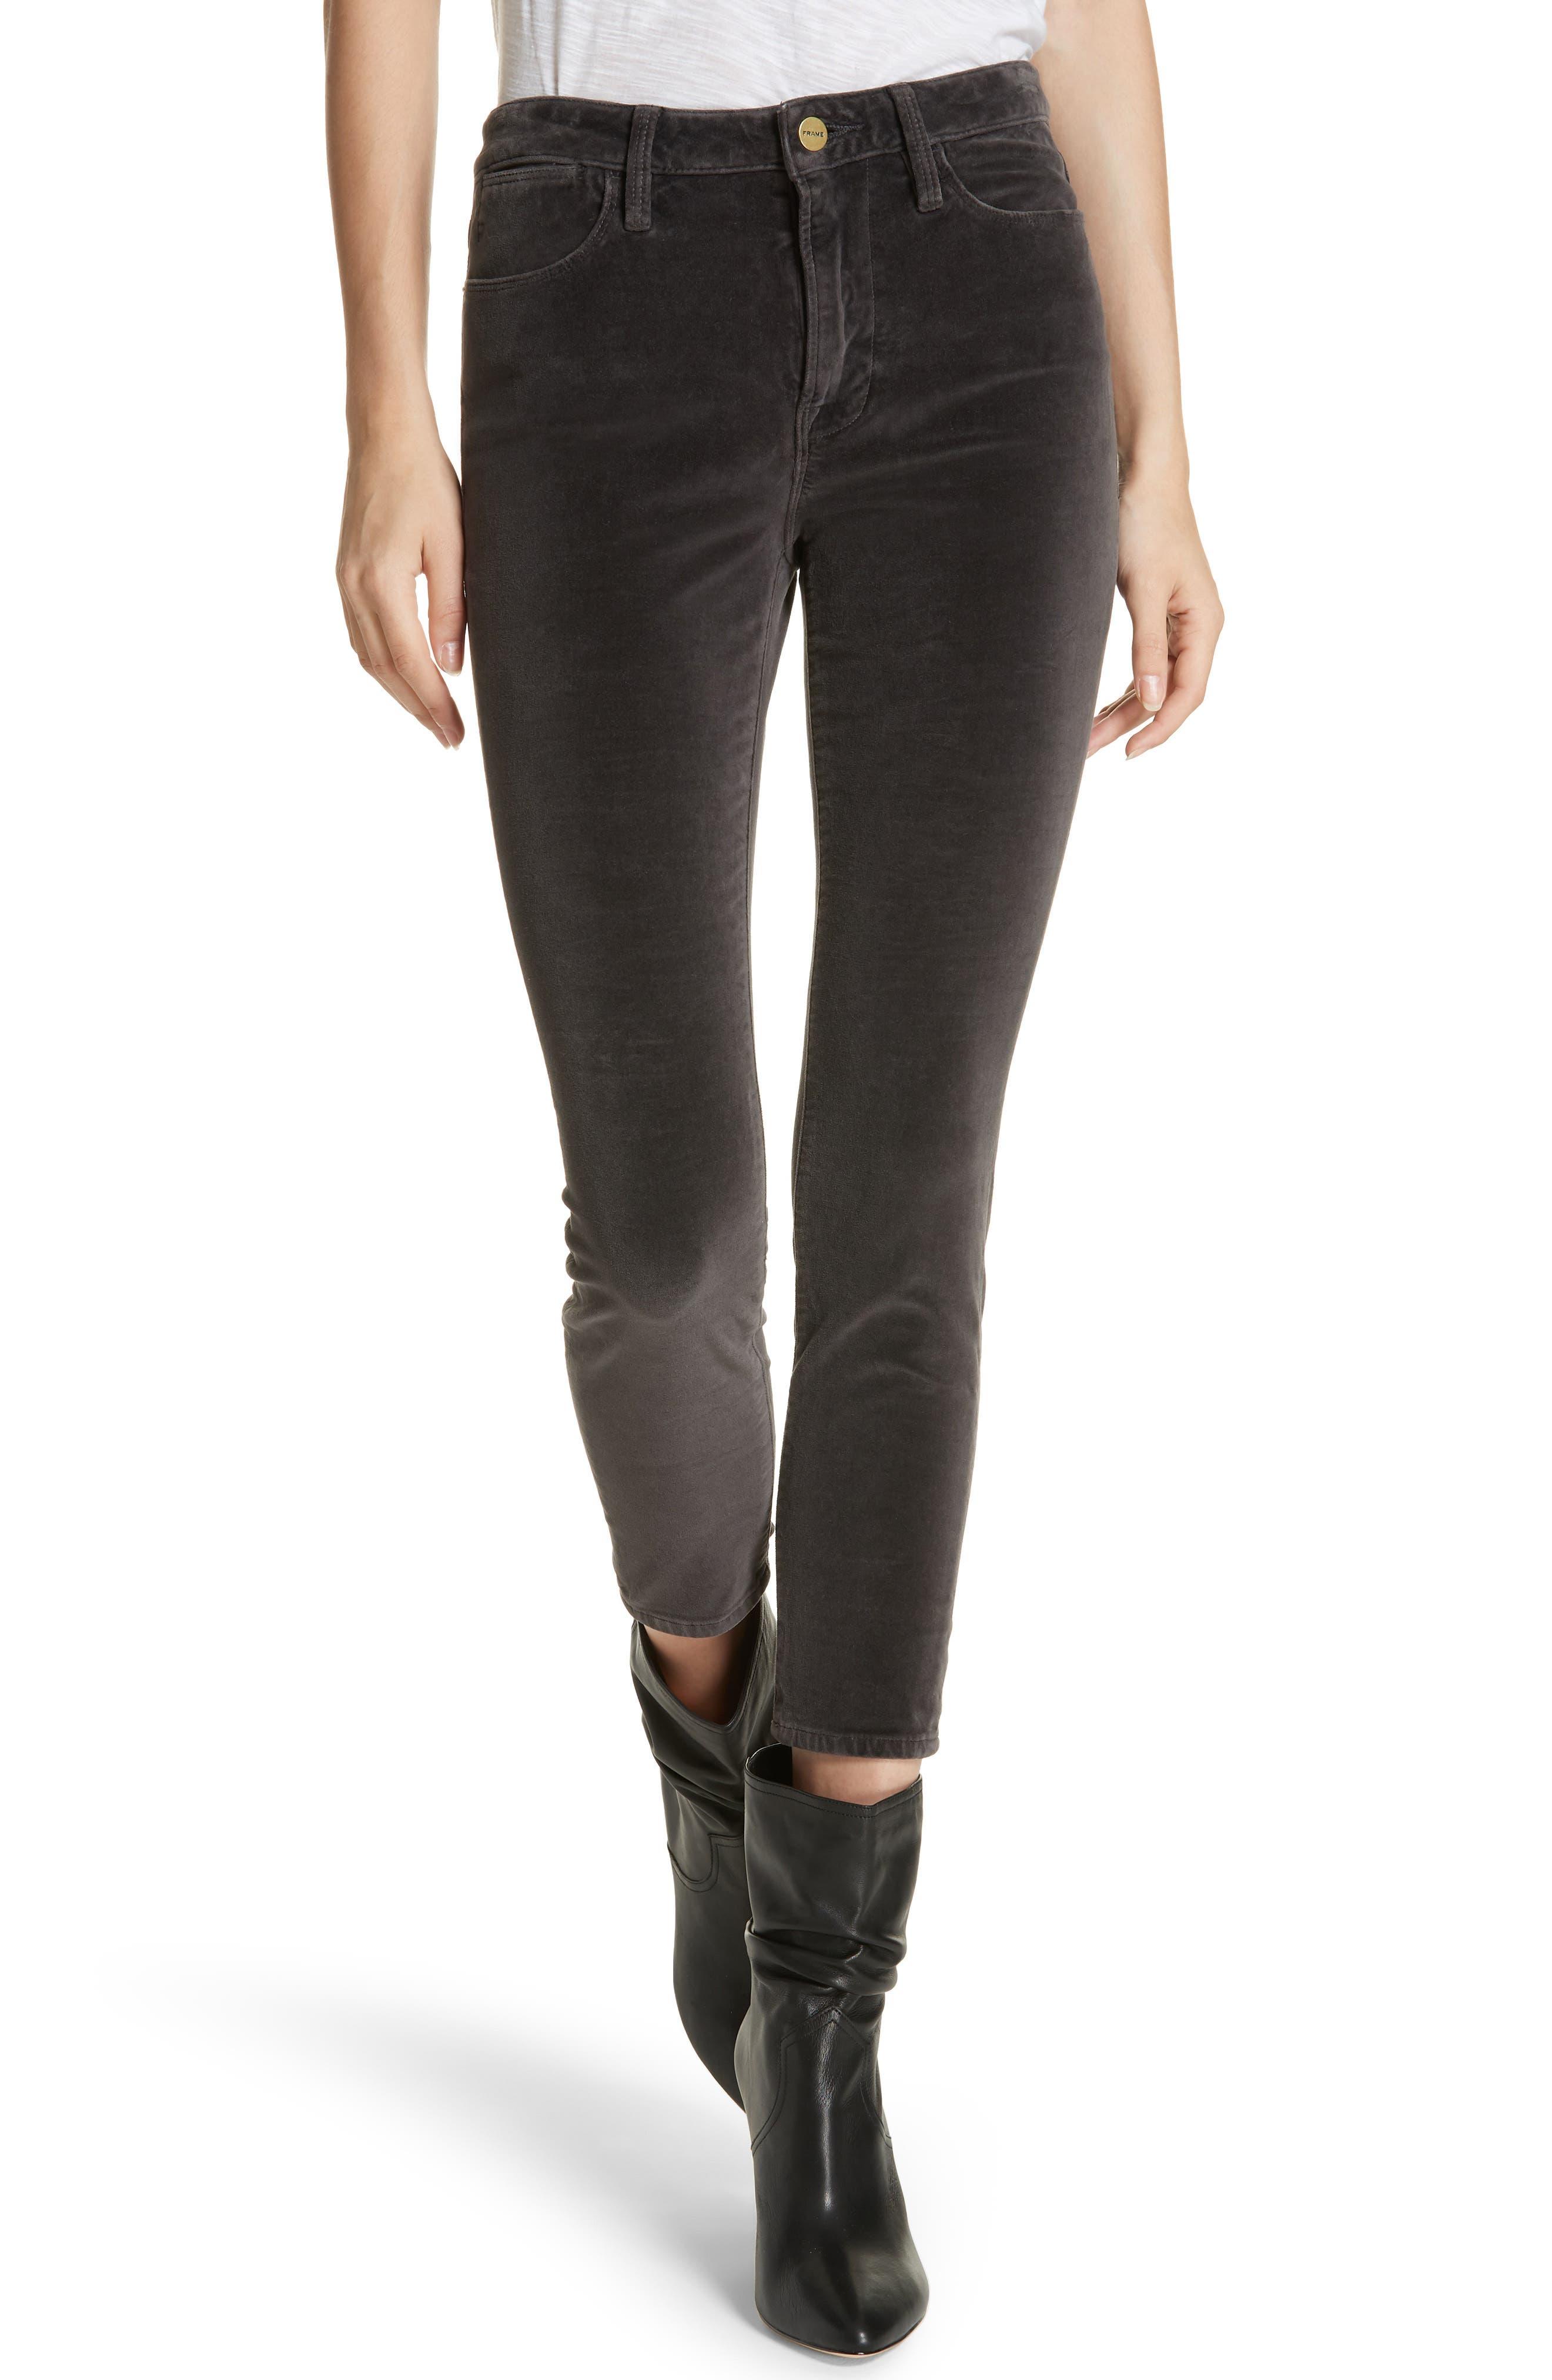 Velveteen High Waist Skinny Pants,                             Main thumbnail 1, color,                             021